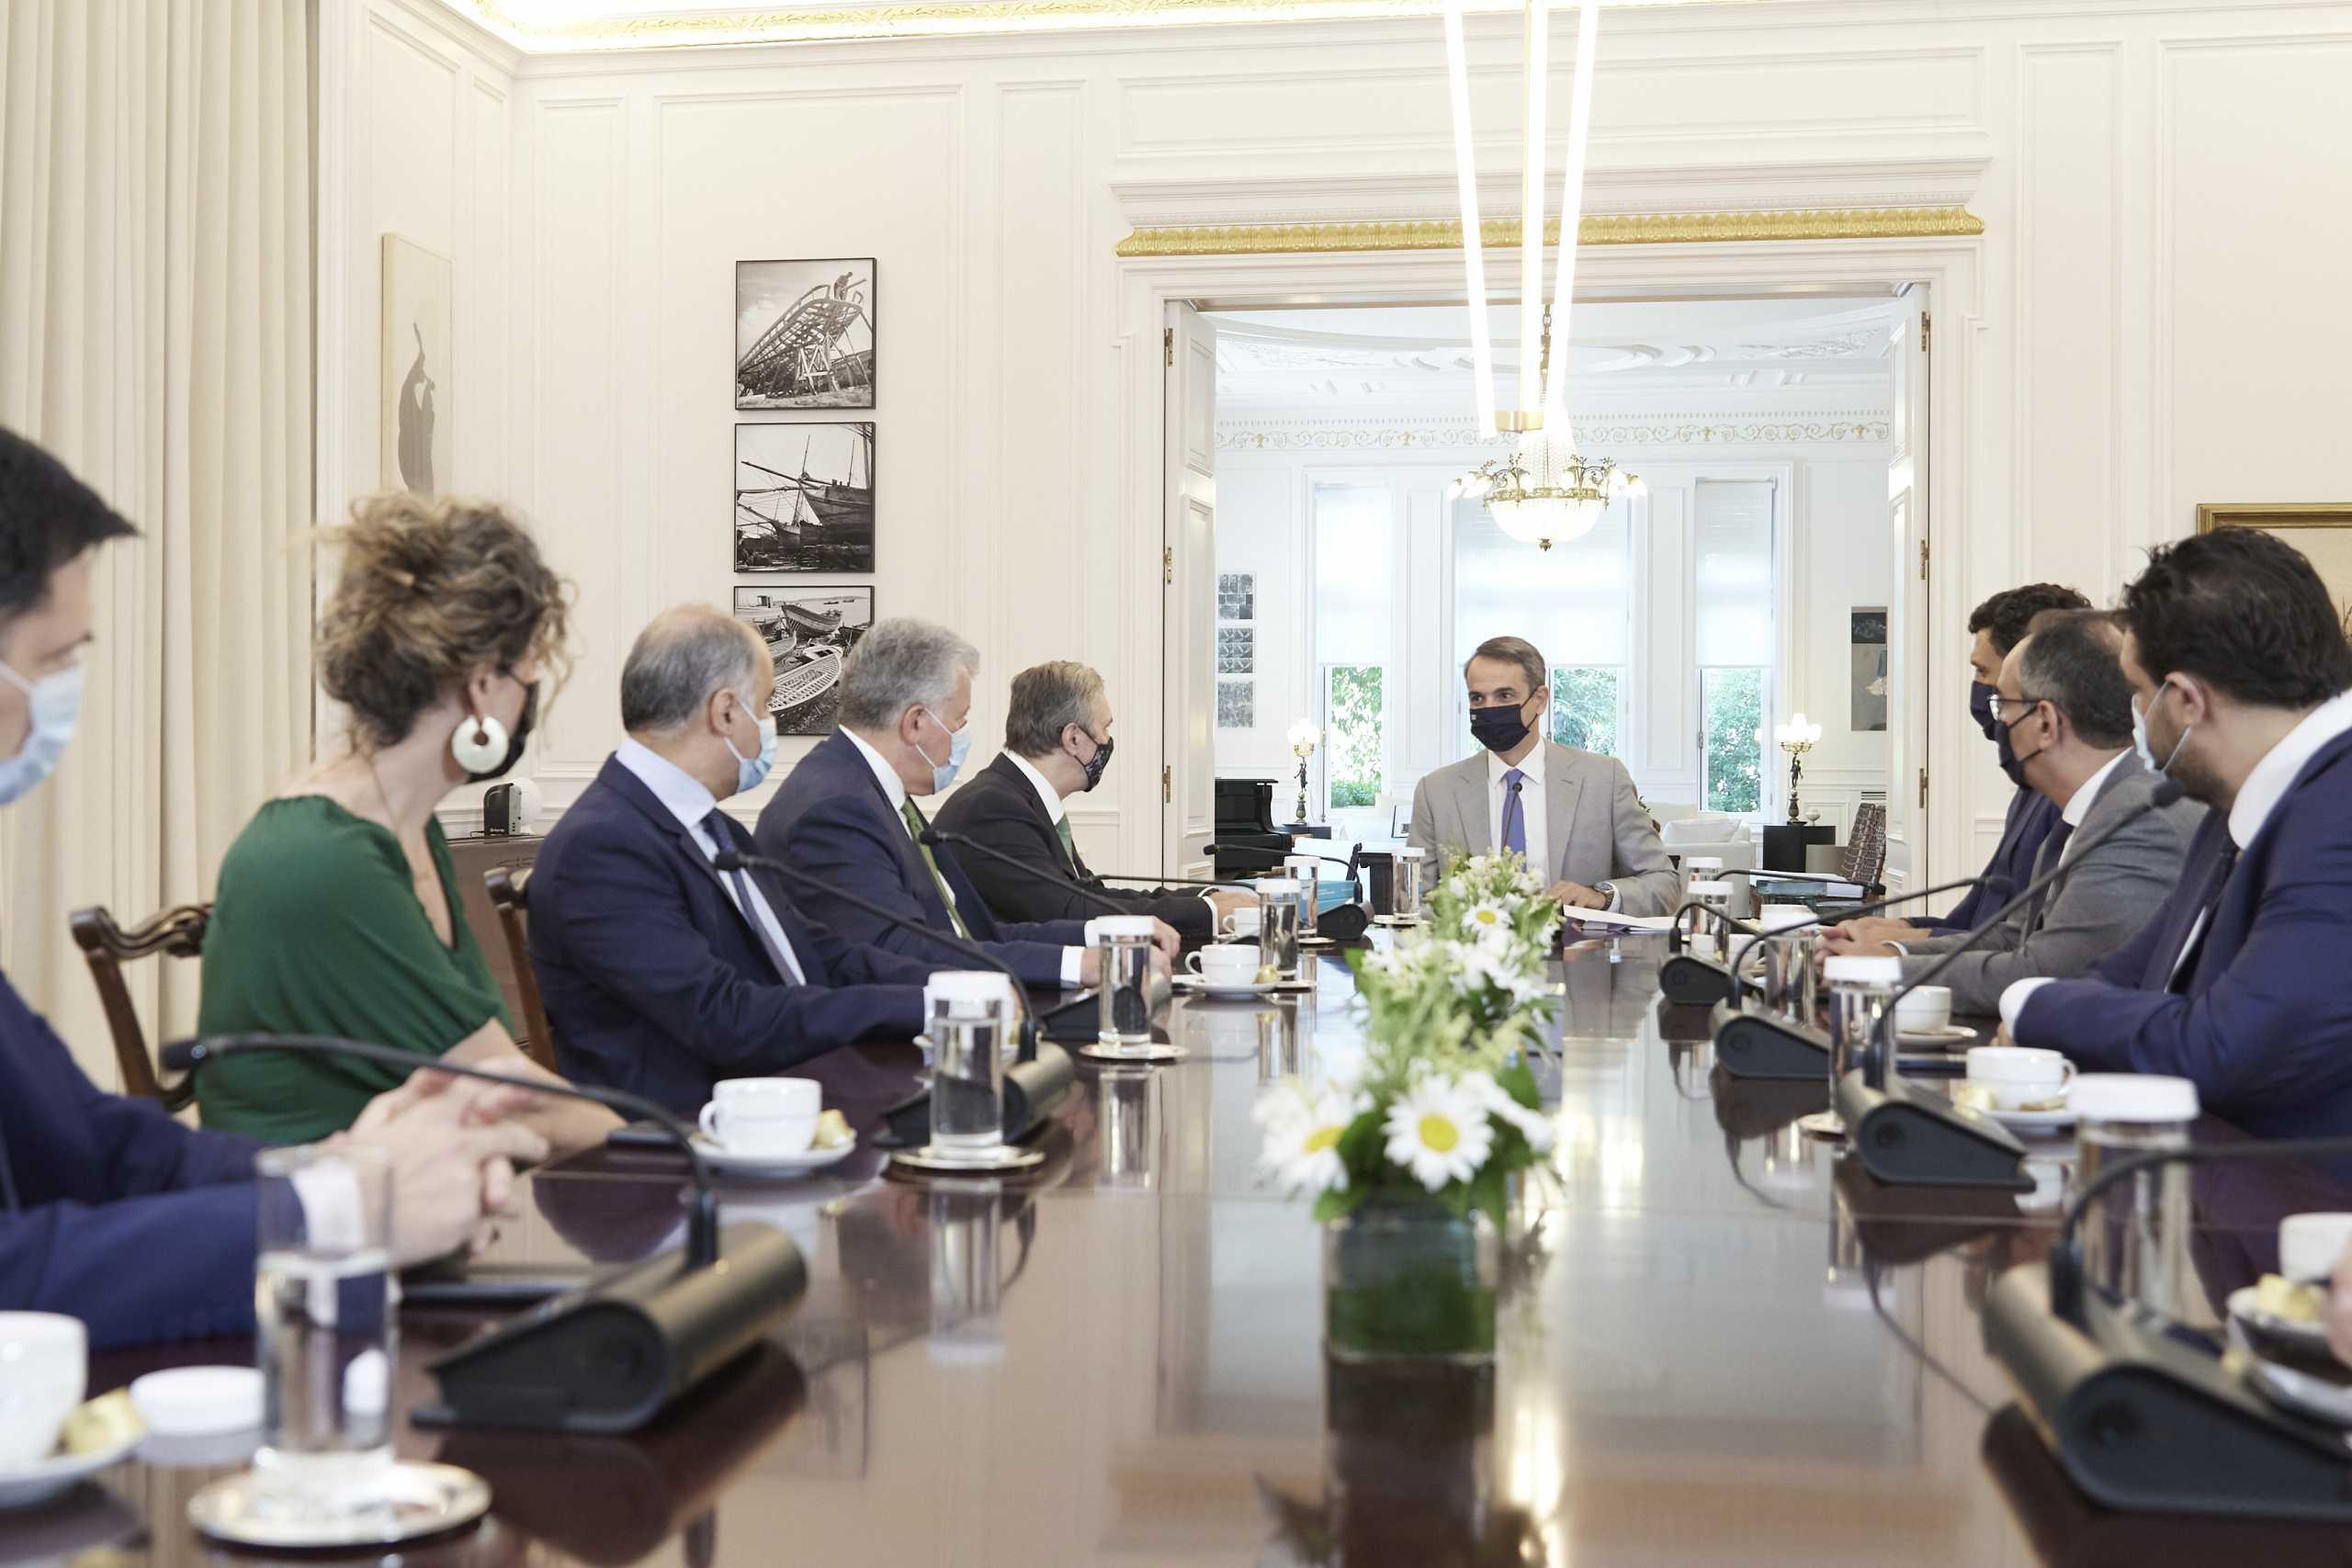 Στα χέρια του πρωθυπουργού το Εθνικό Σχέδιο για την Δωρεά και την Μεταμόσχευση Οργάνων